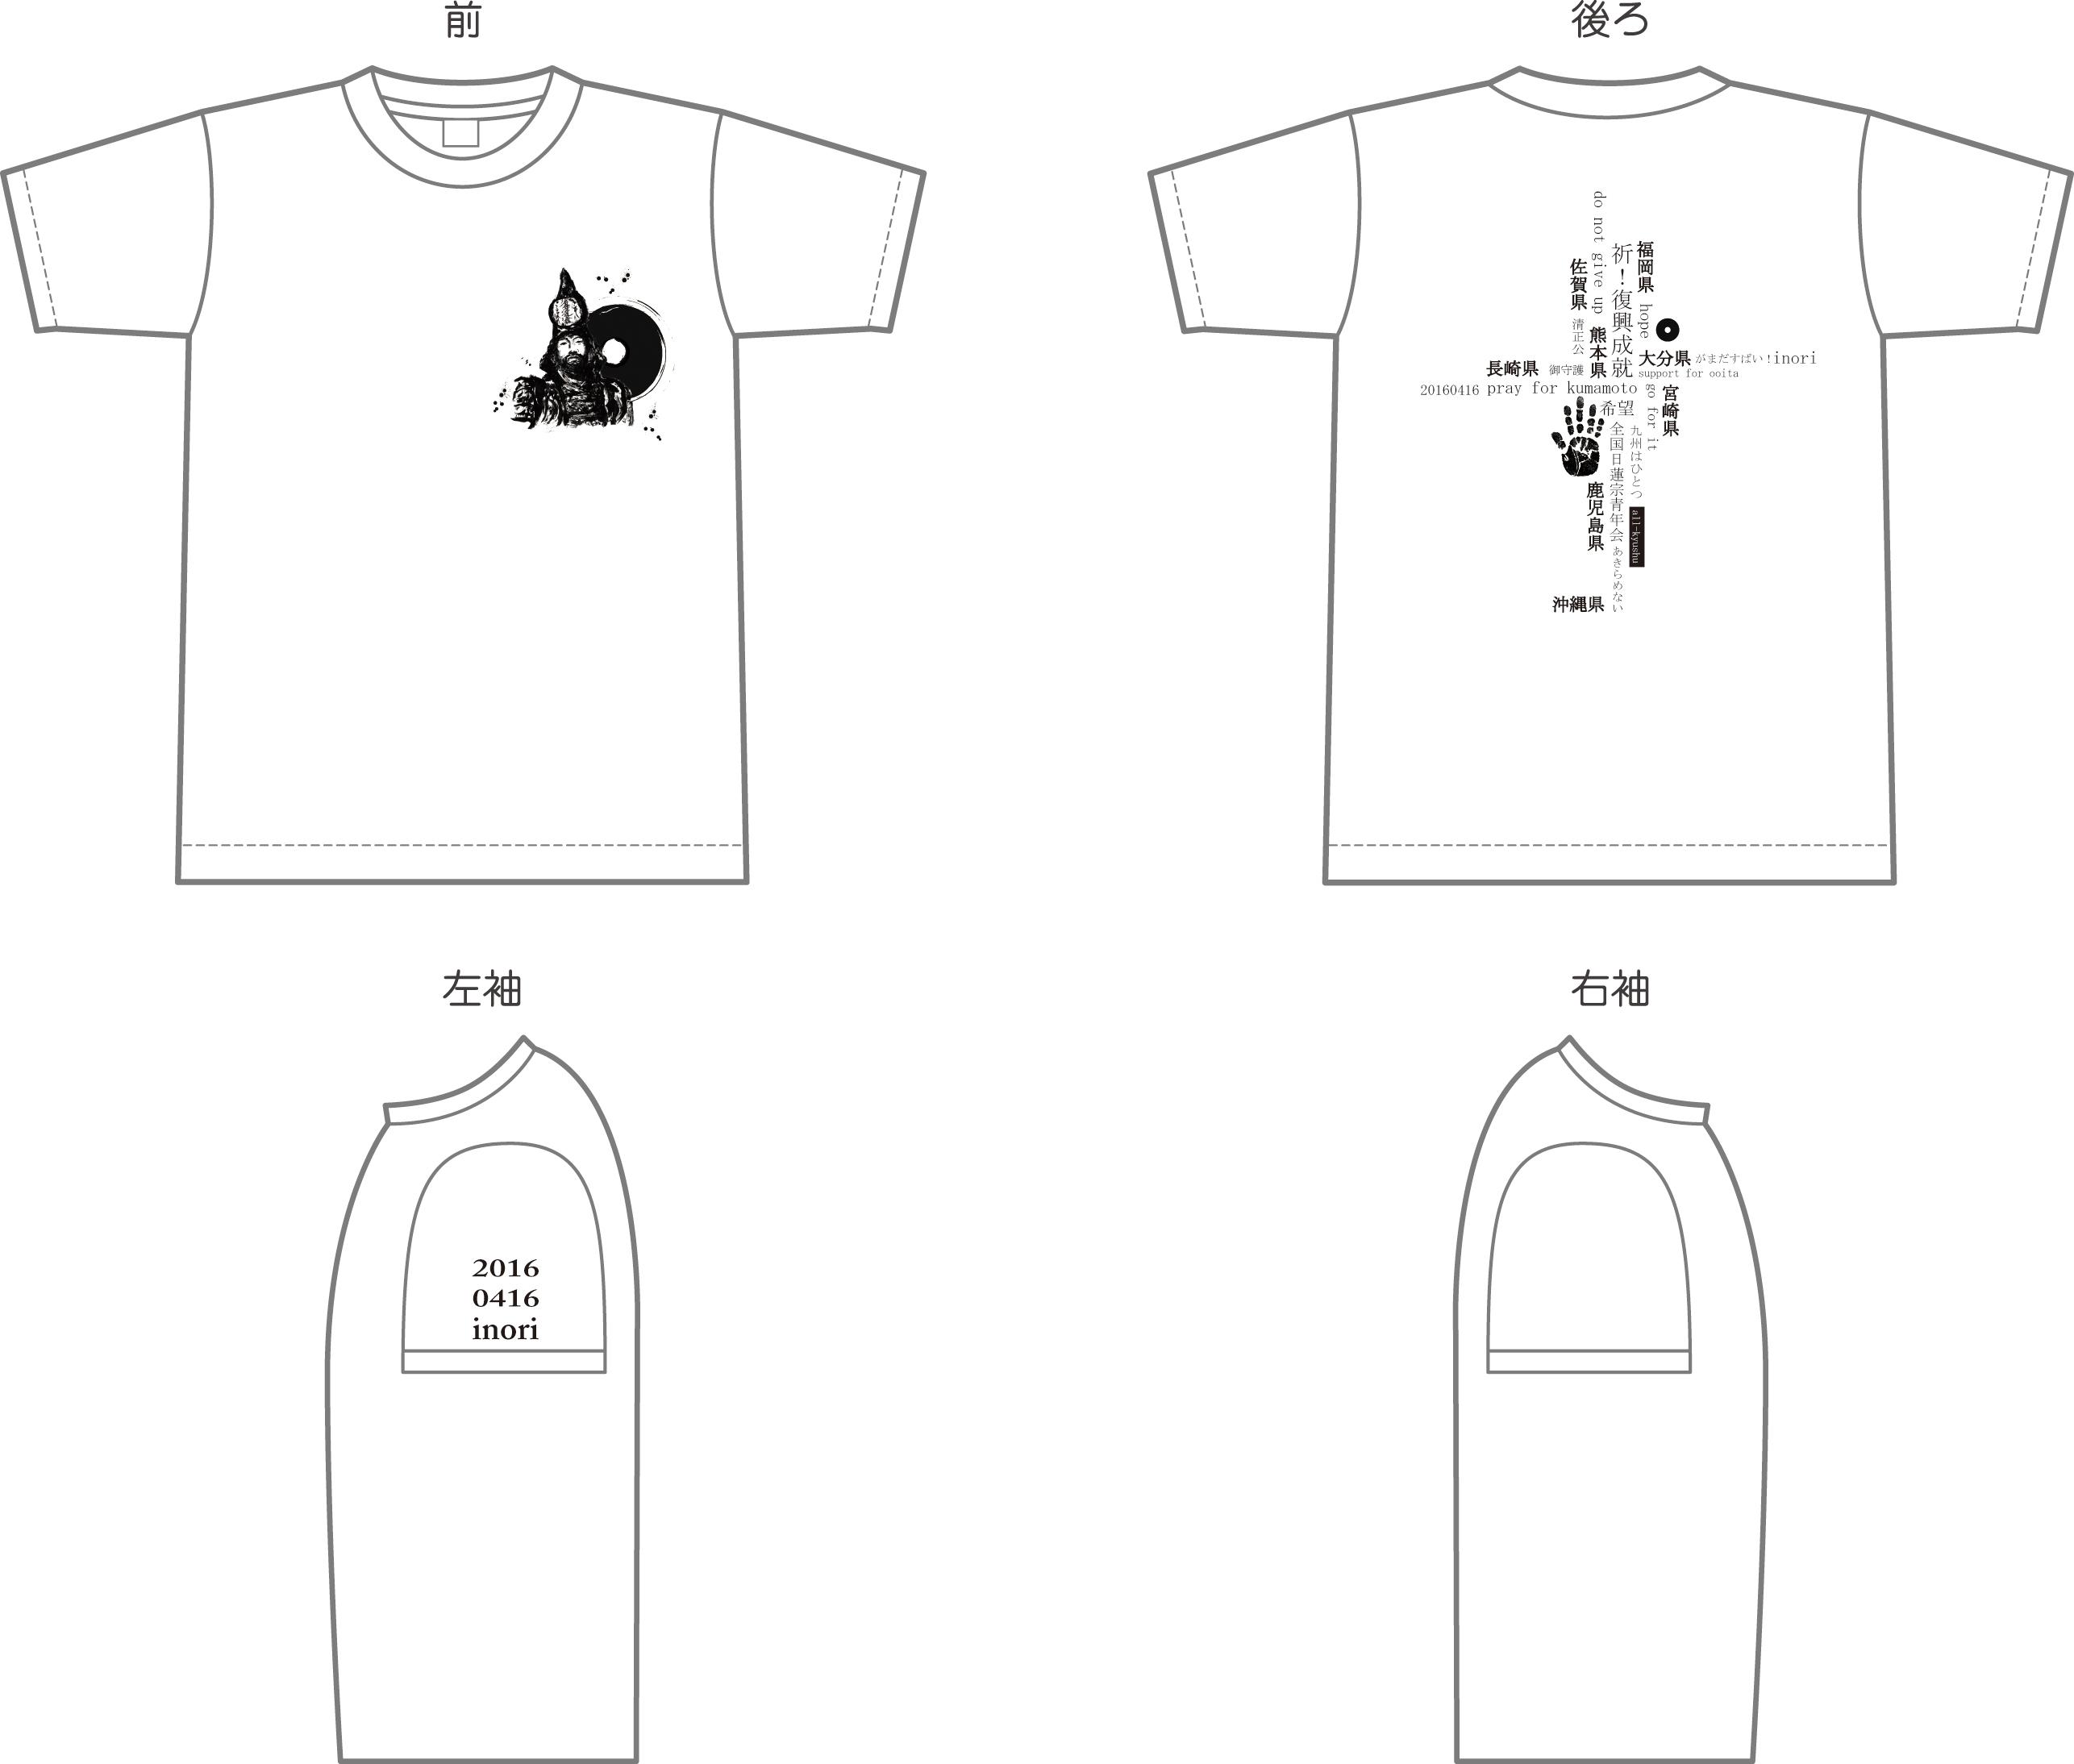 復興Tシャツ100